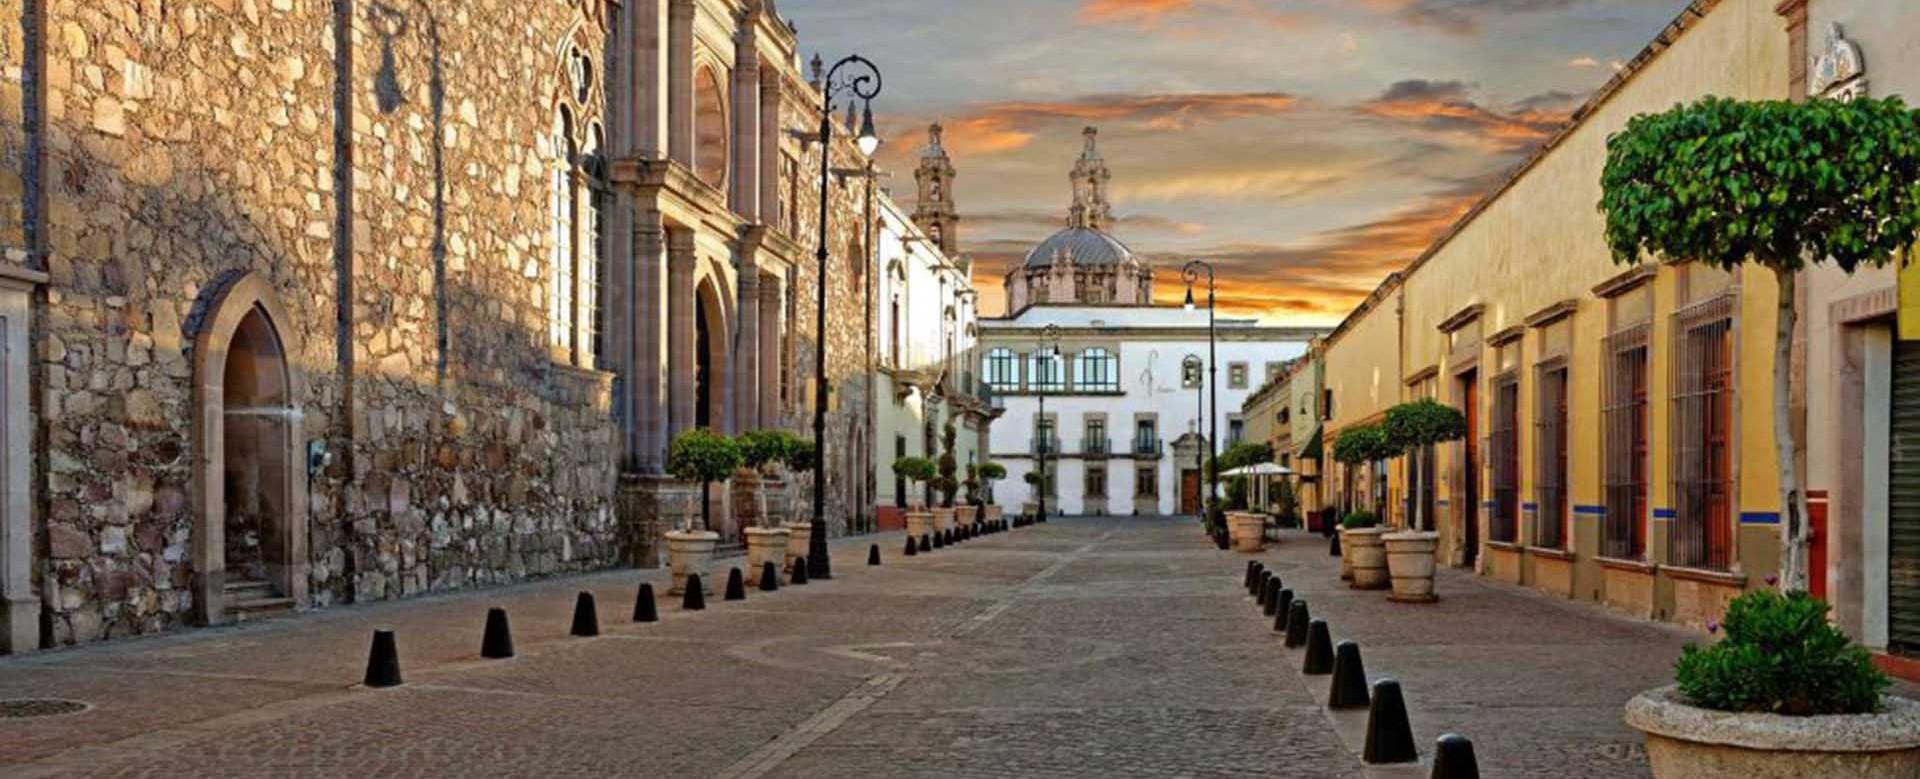 Descubre qué hacer en Aguascalientes Centro